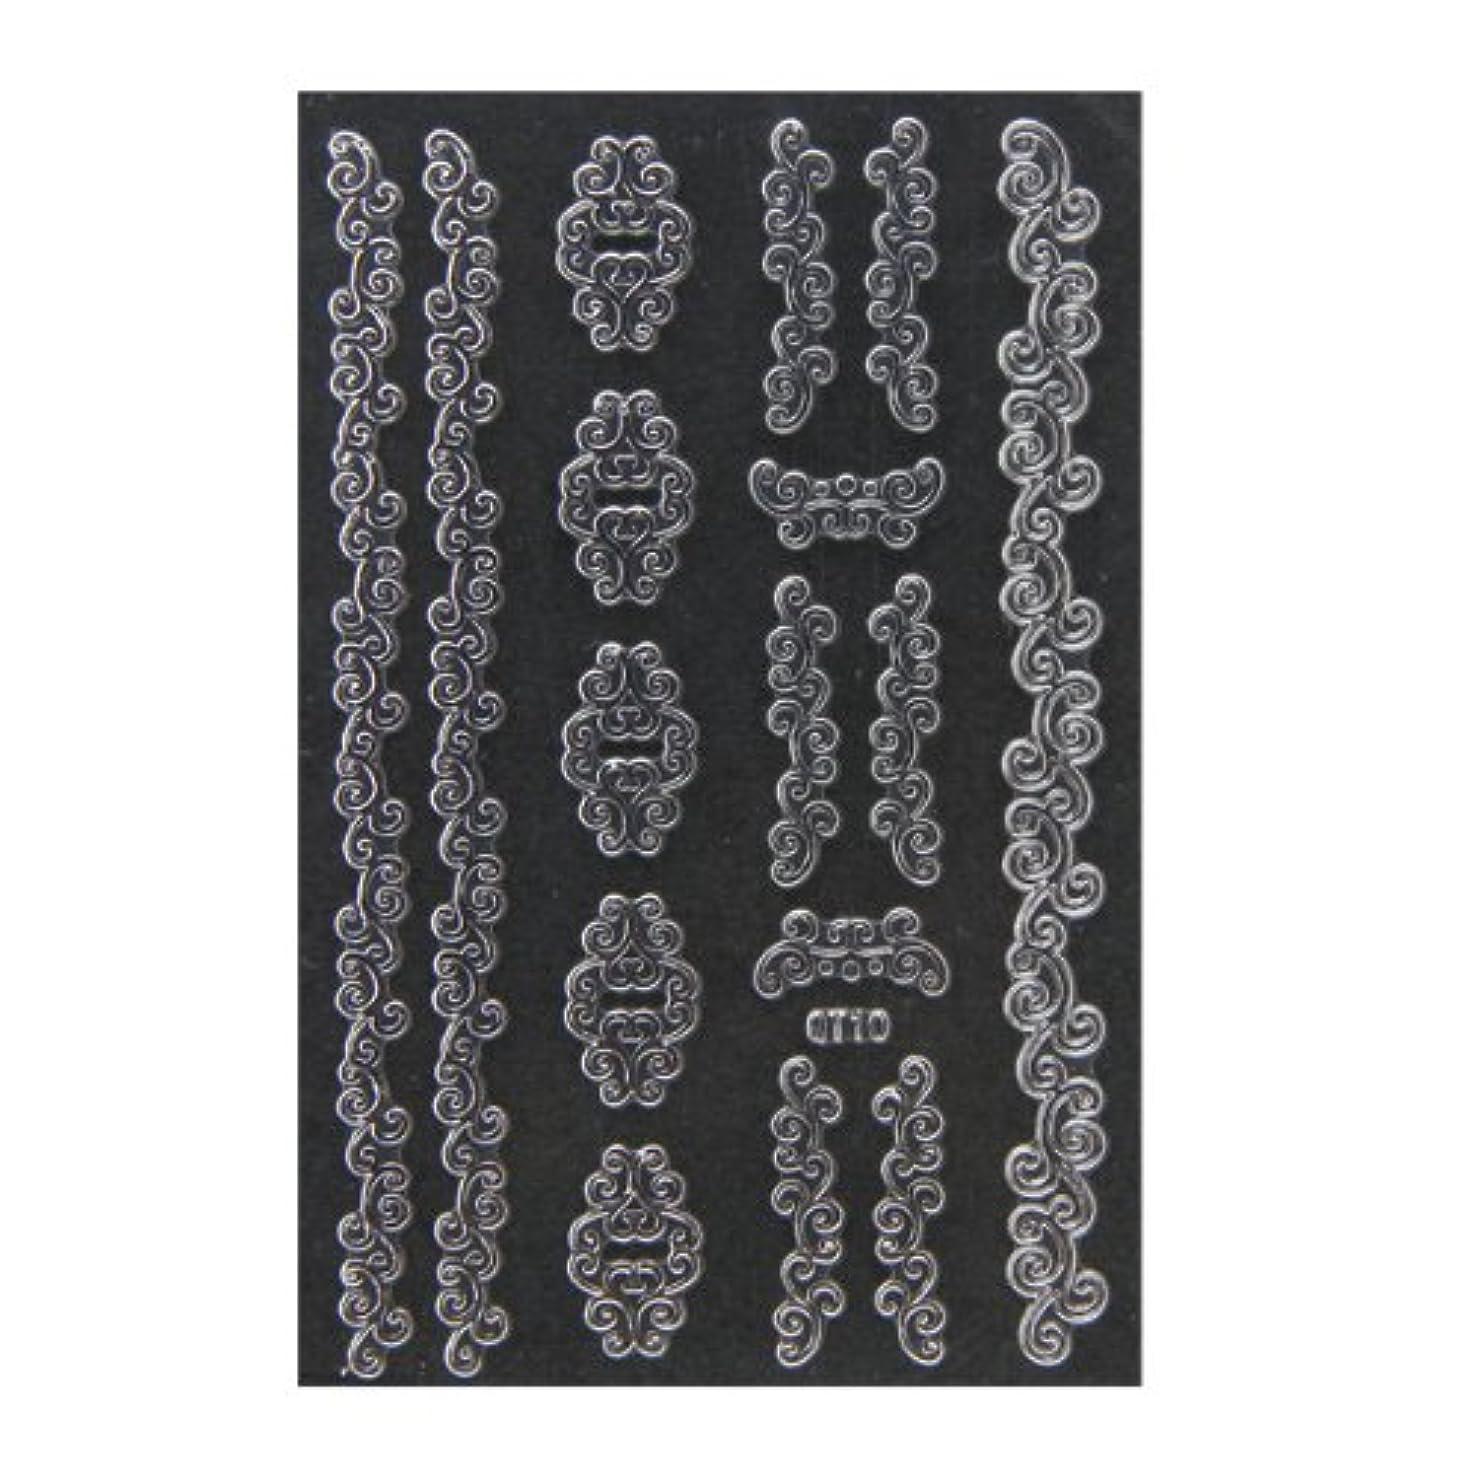 メンタル無傷批判するネイルシール 3D ネイルシート ファッションネイル メタリックシール36 (ネイル用品)